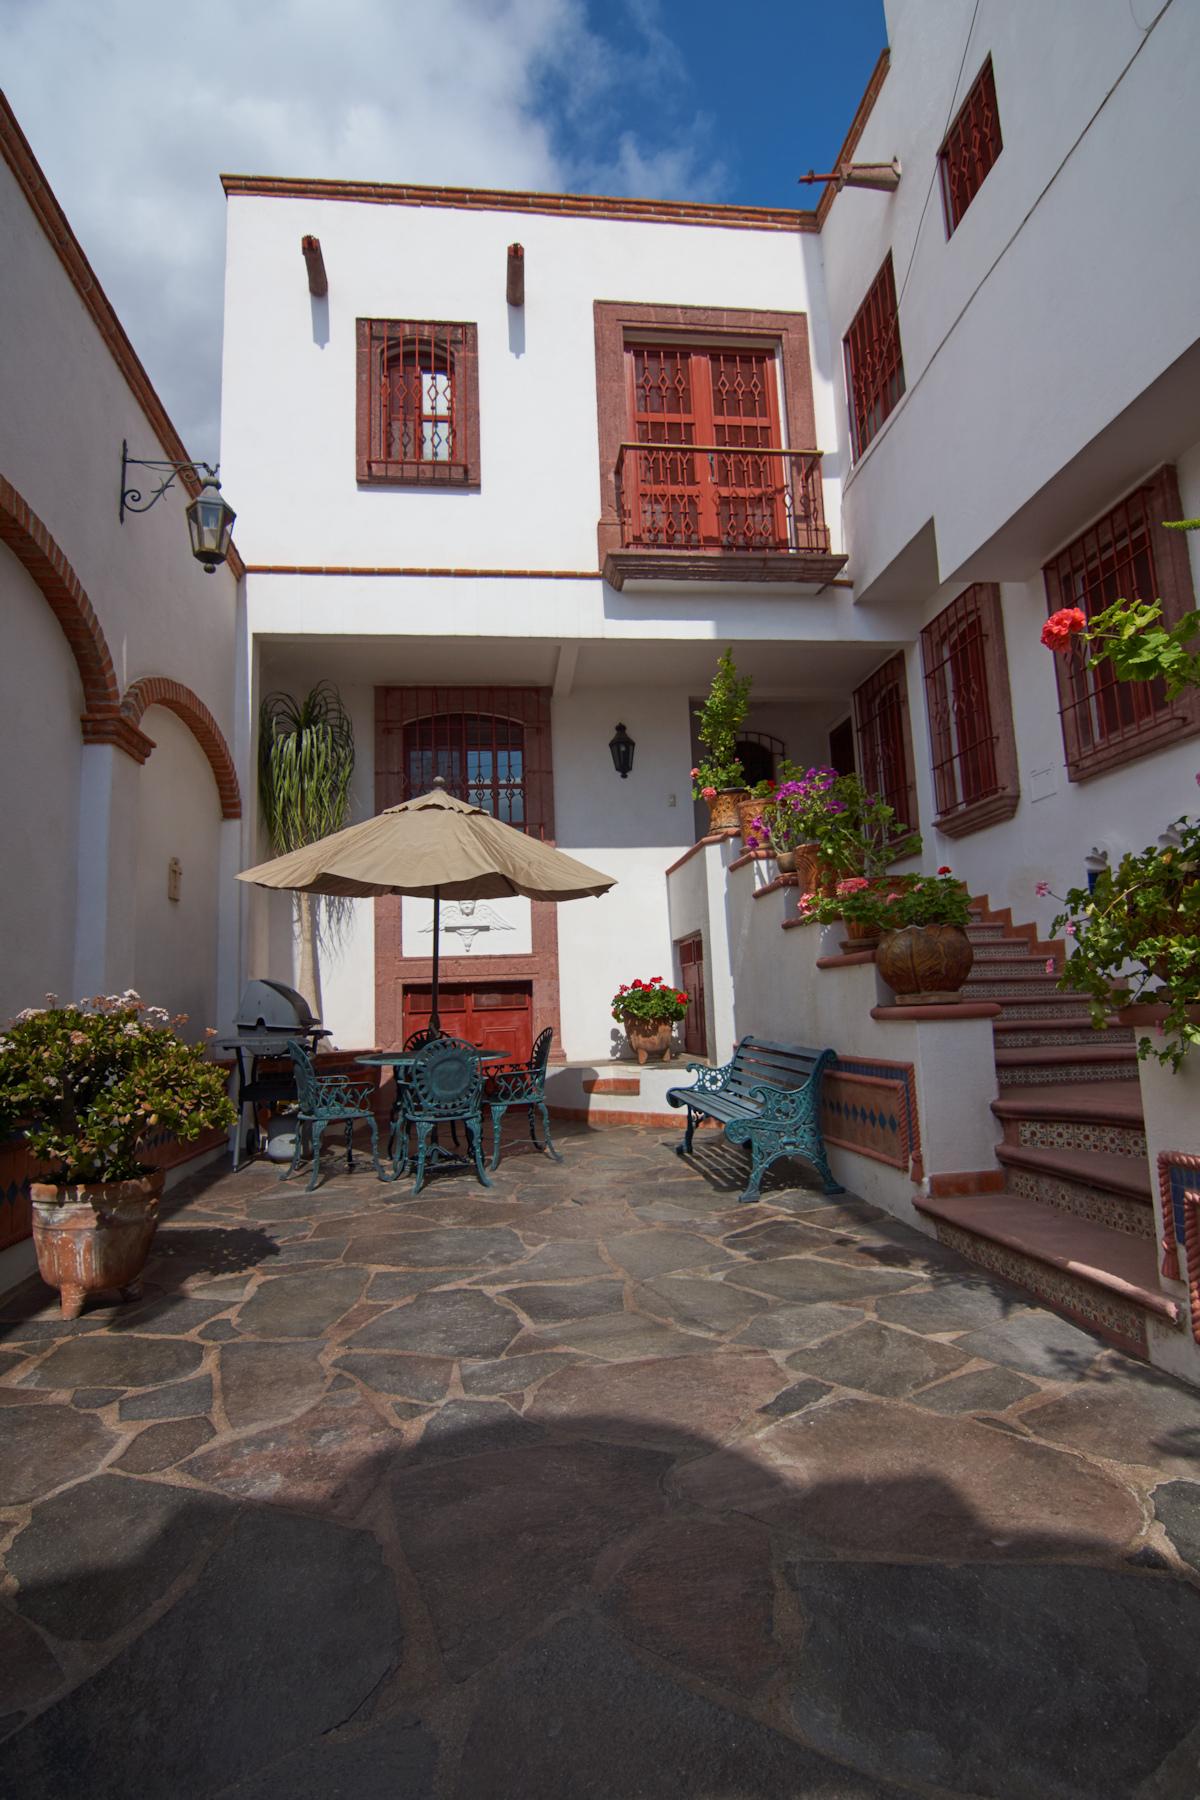 Additional photo for property listing at Casa Bovedas Centro, San Miguel De Allende, Guanajuato México